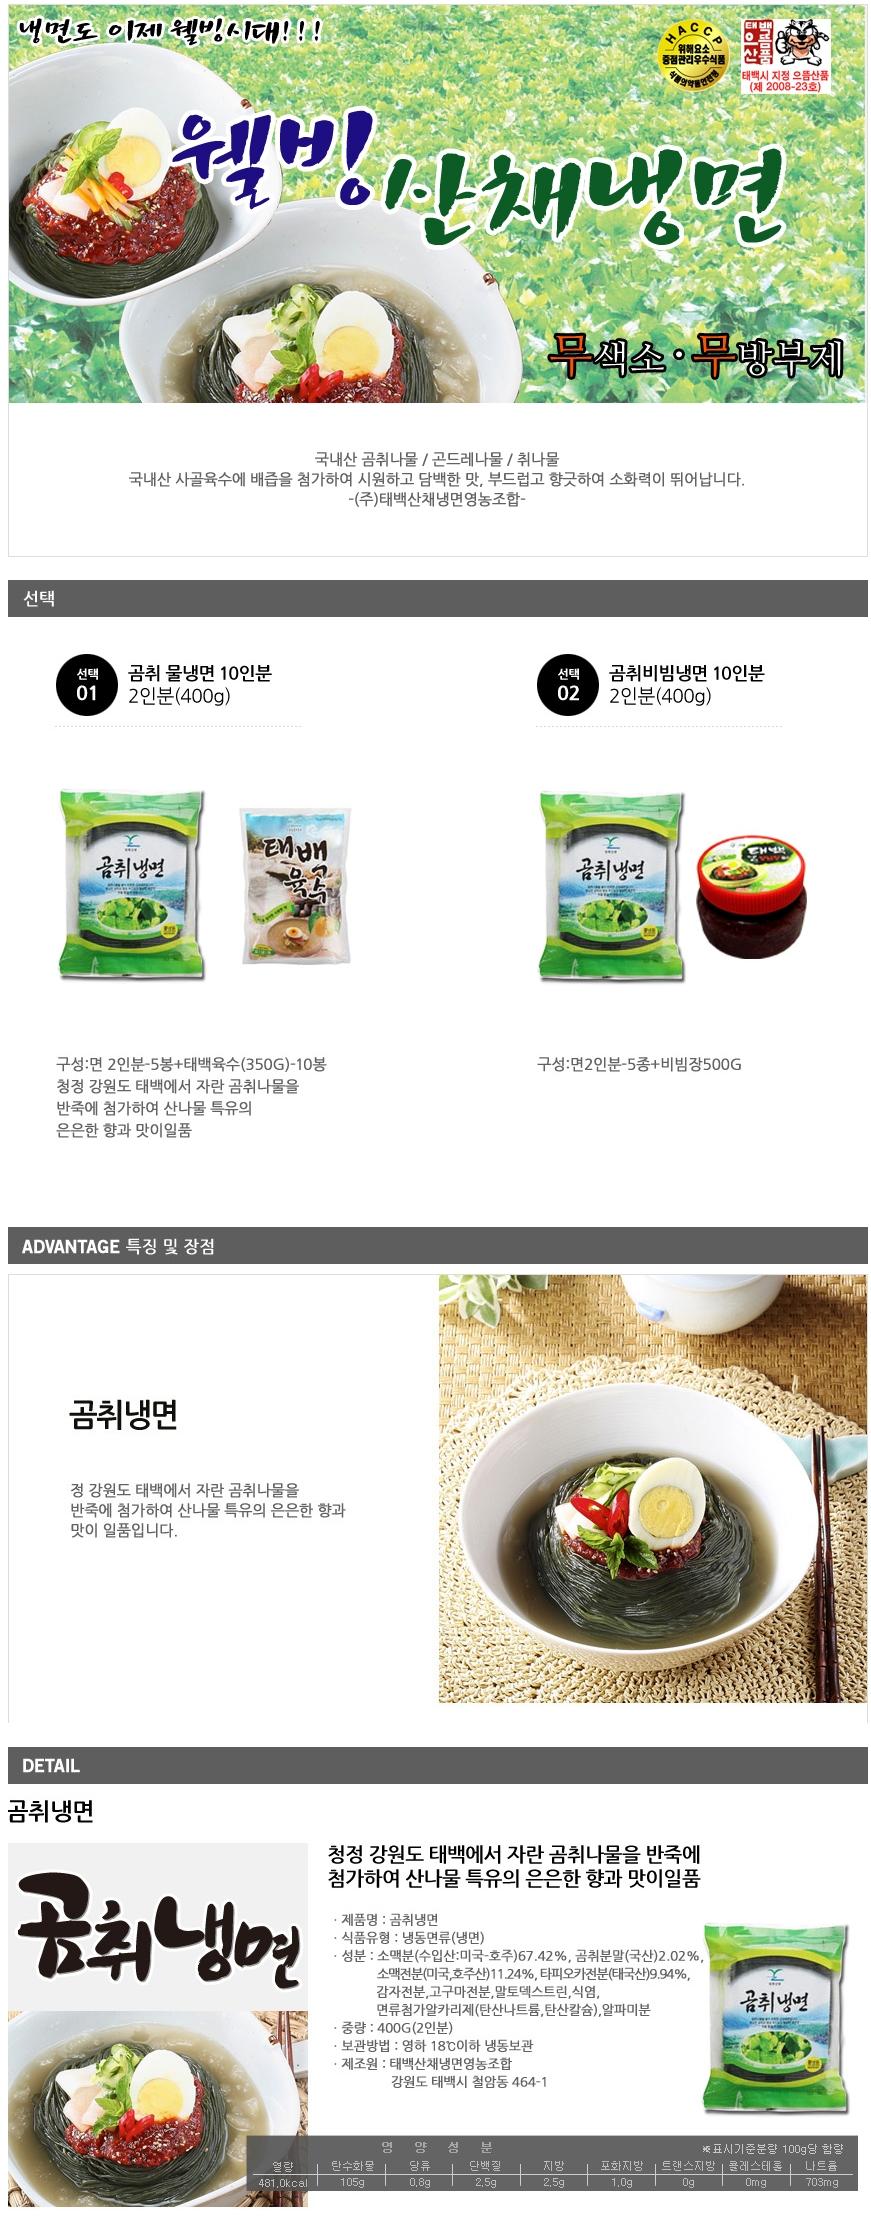 kimgochujang_663_subpage.jpg